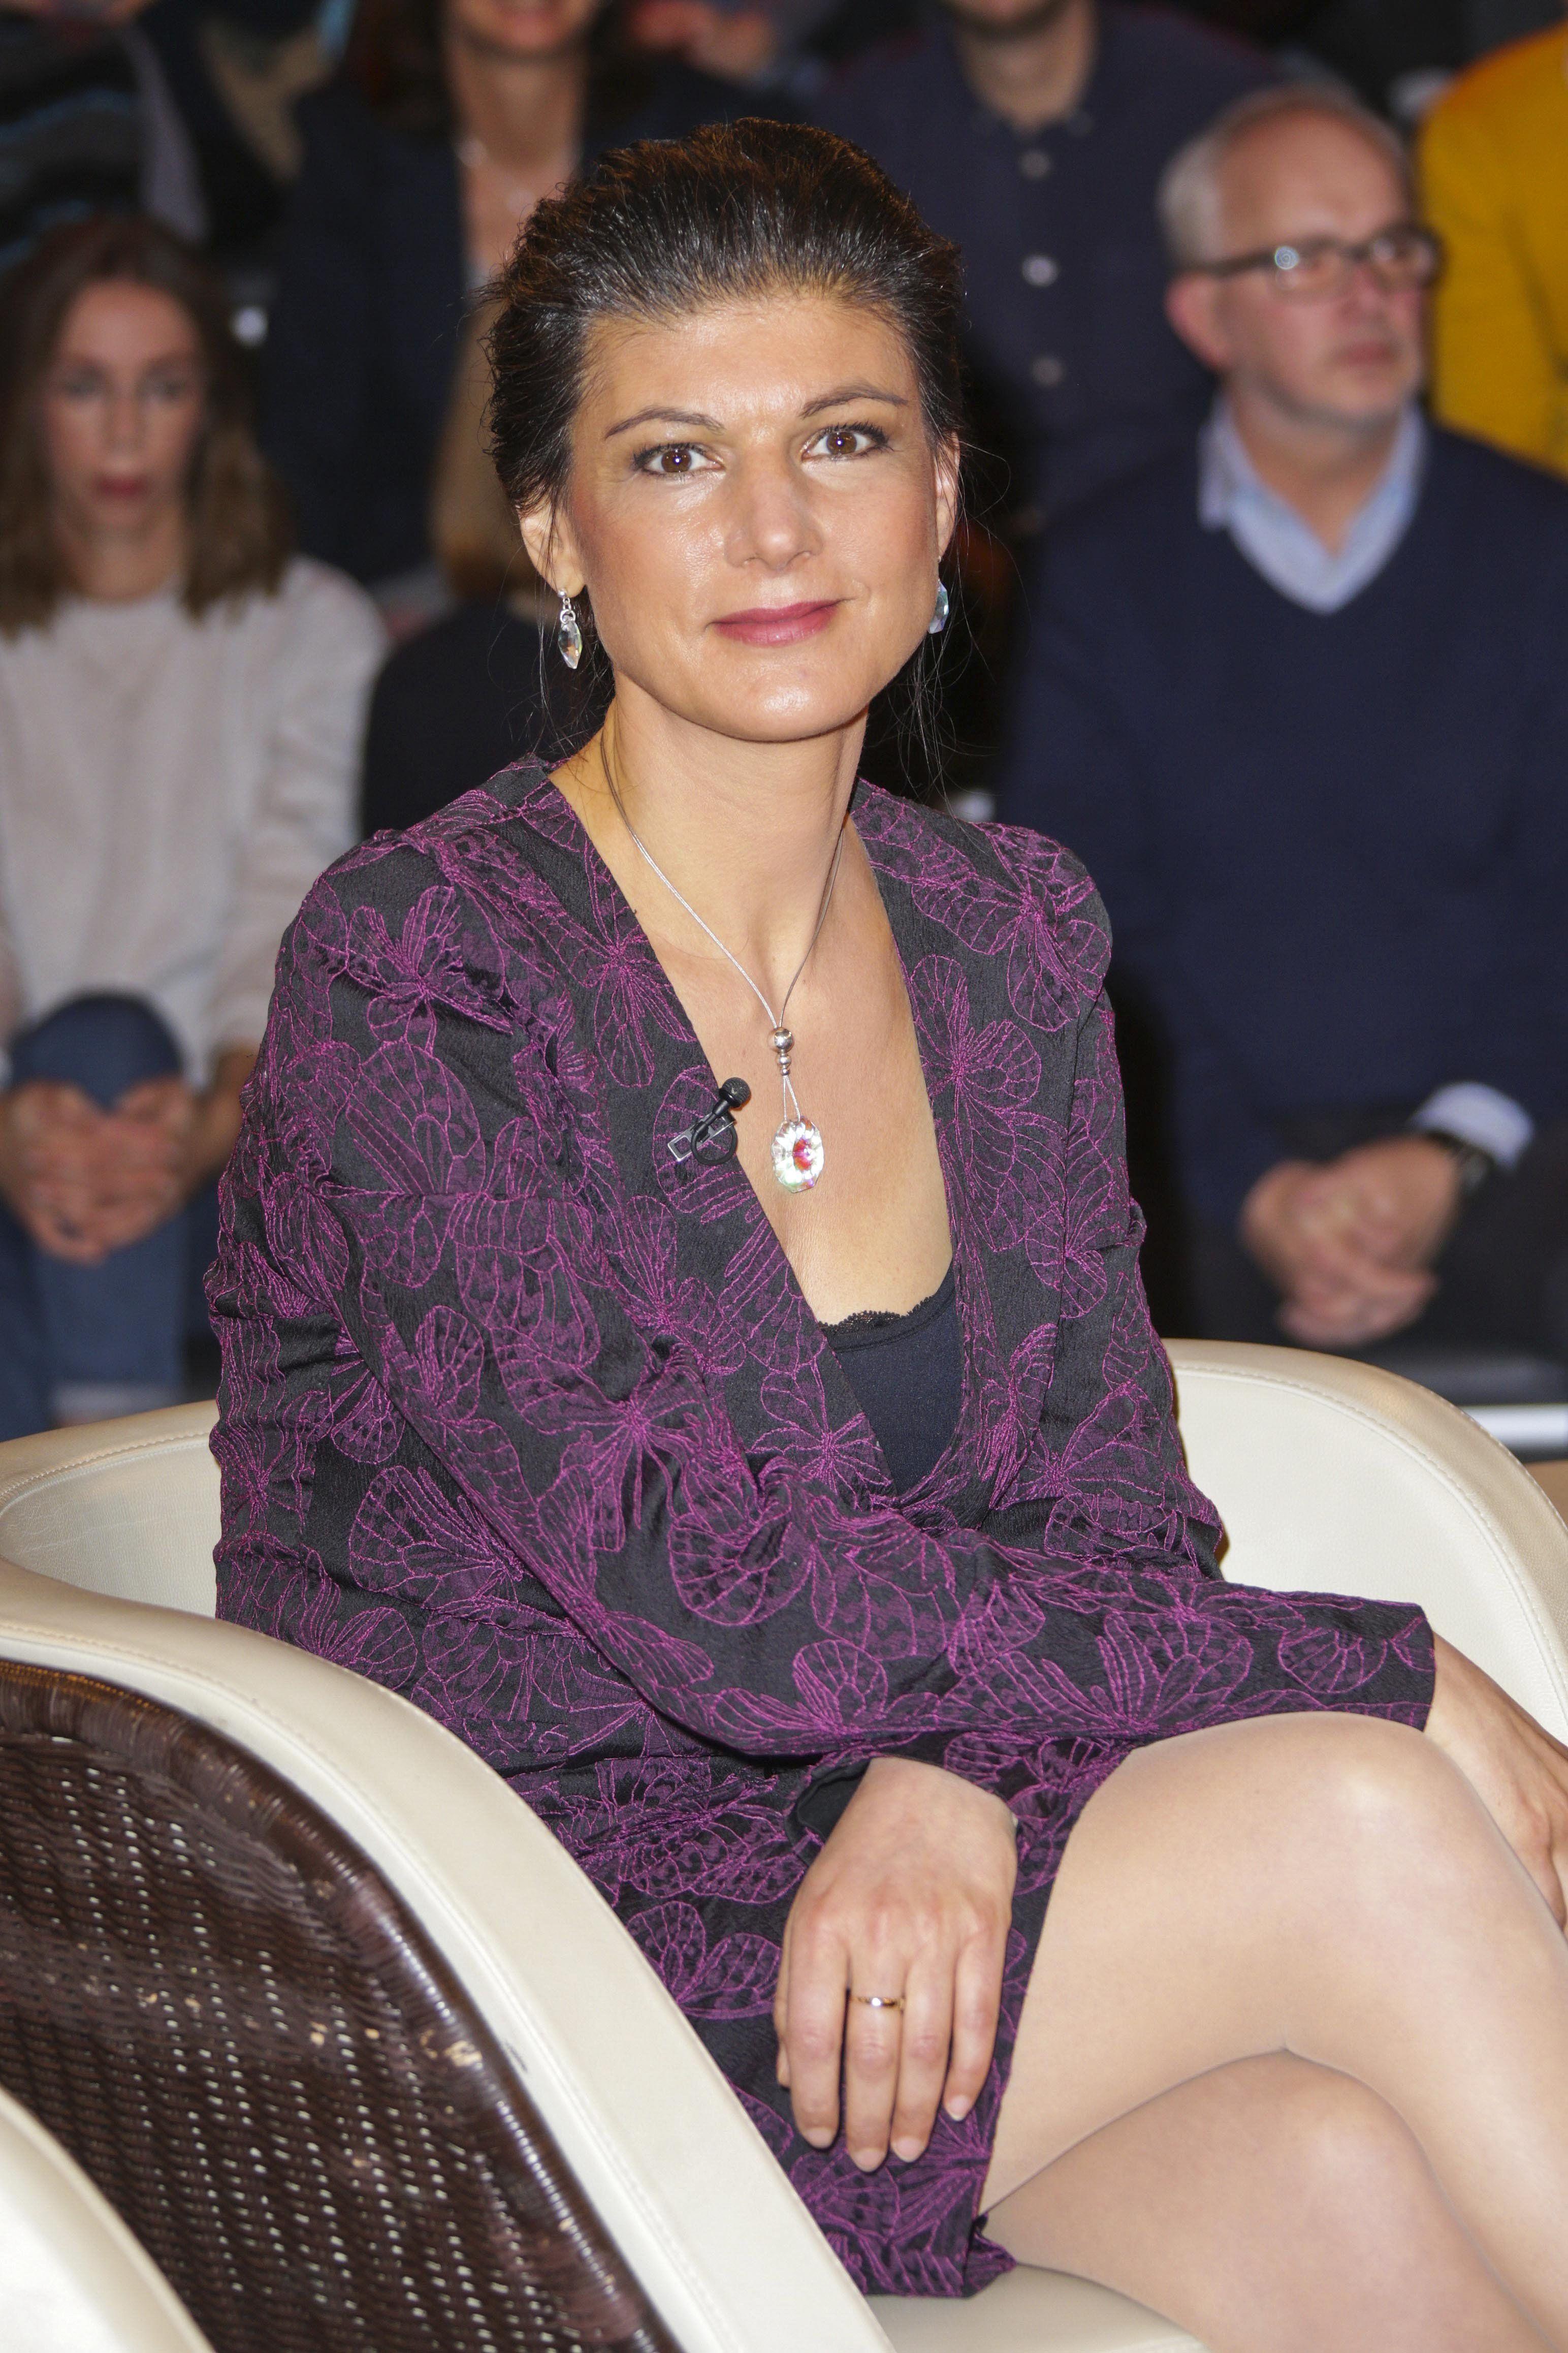 Sahra Wagenknecht | Women, Fashion, Lace top